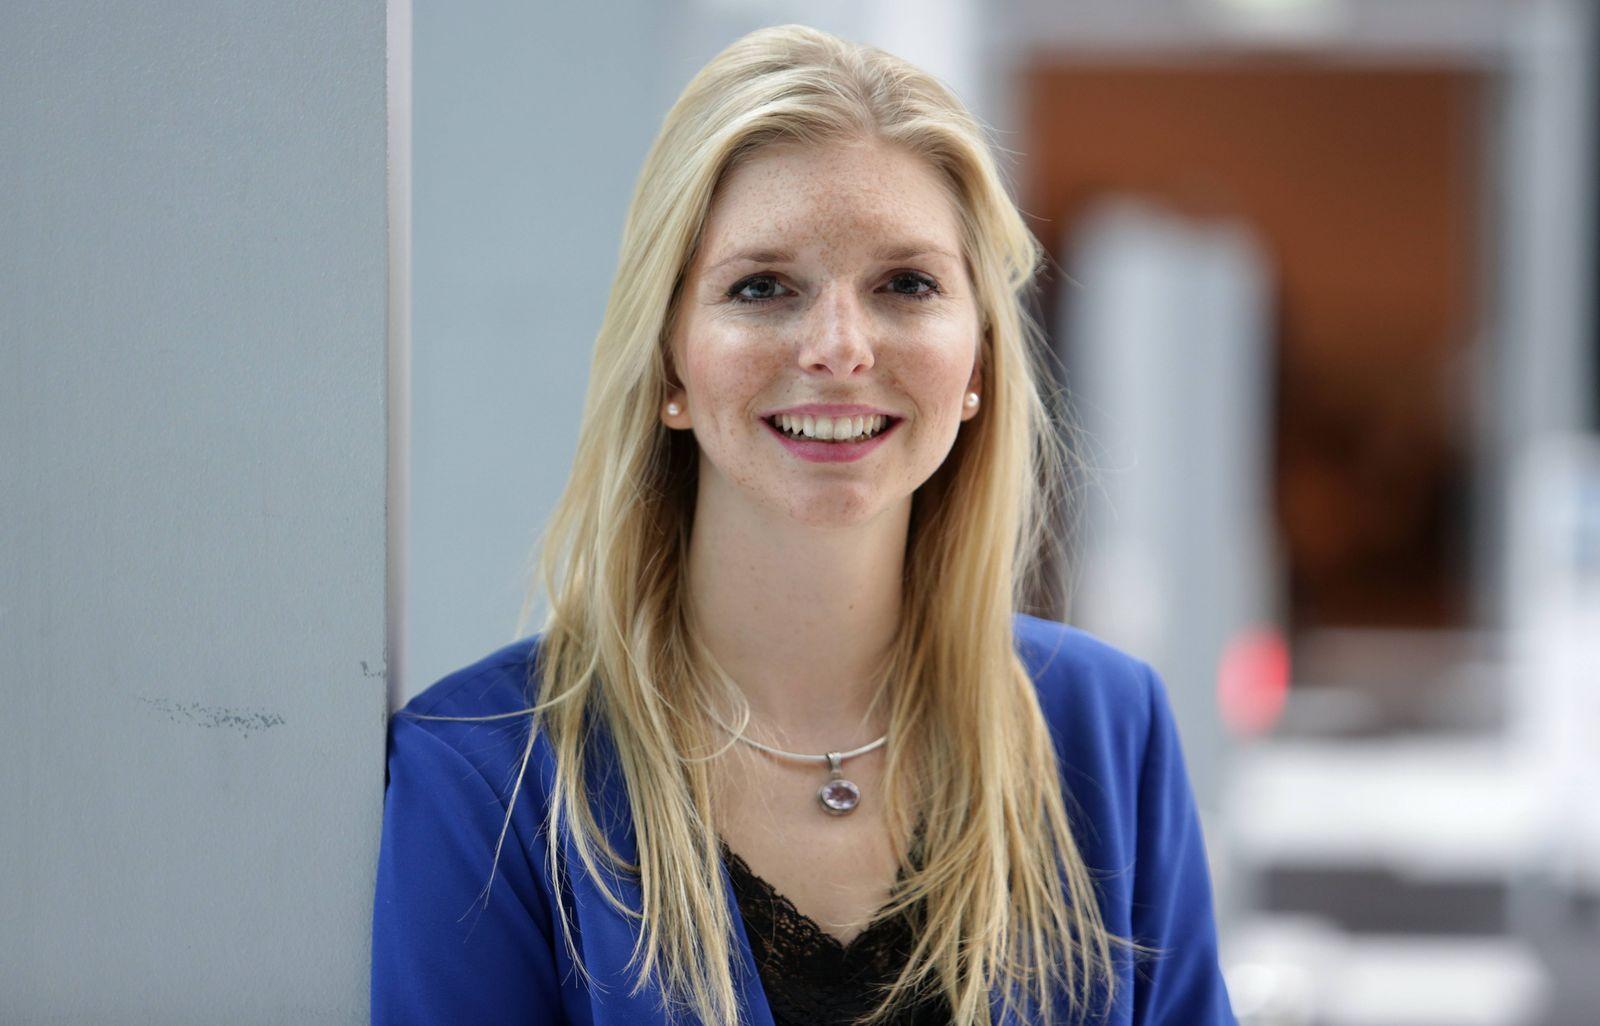 DEUTSCHLAND BONN 23 01 2014 Lea Sophie Cramer Gründerin und Geschäftsführerin des Start Up amore